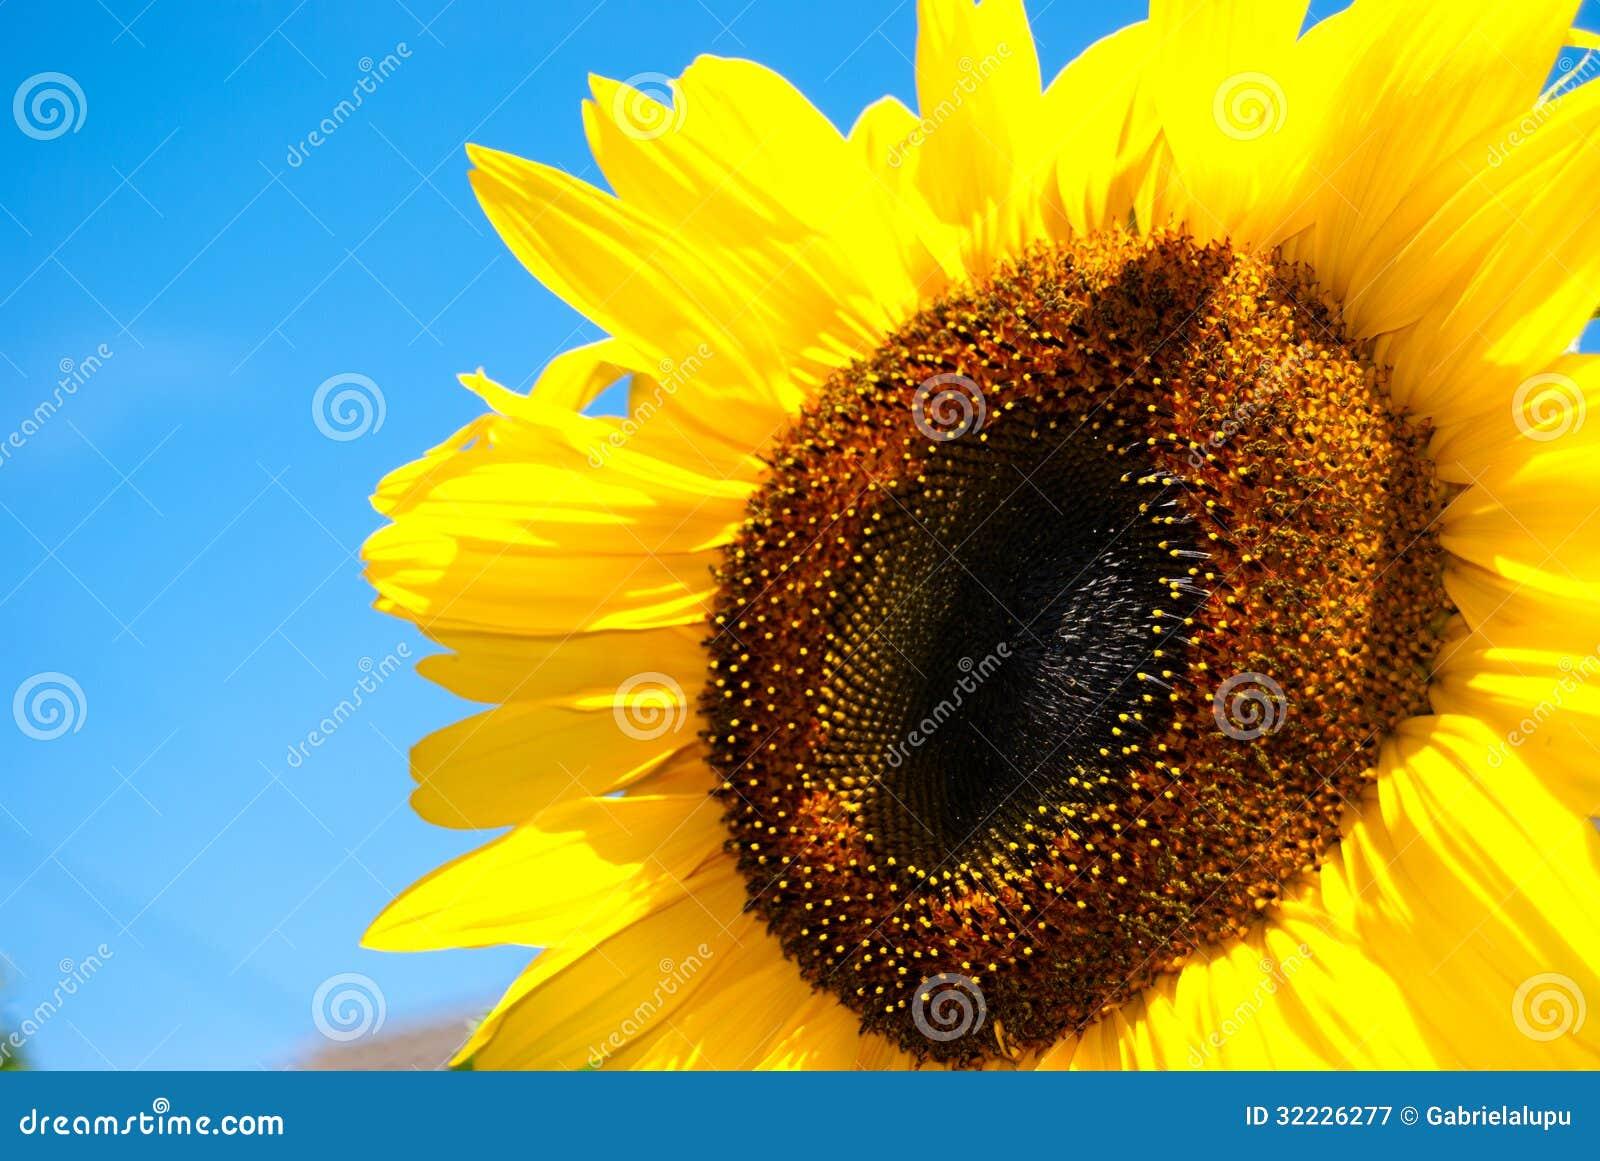 Download Girassol imagem de stock. Imagem de céu, nave, azul, pétala - 32226277